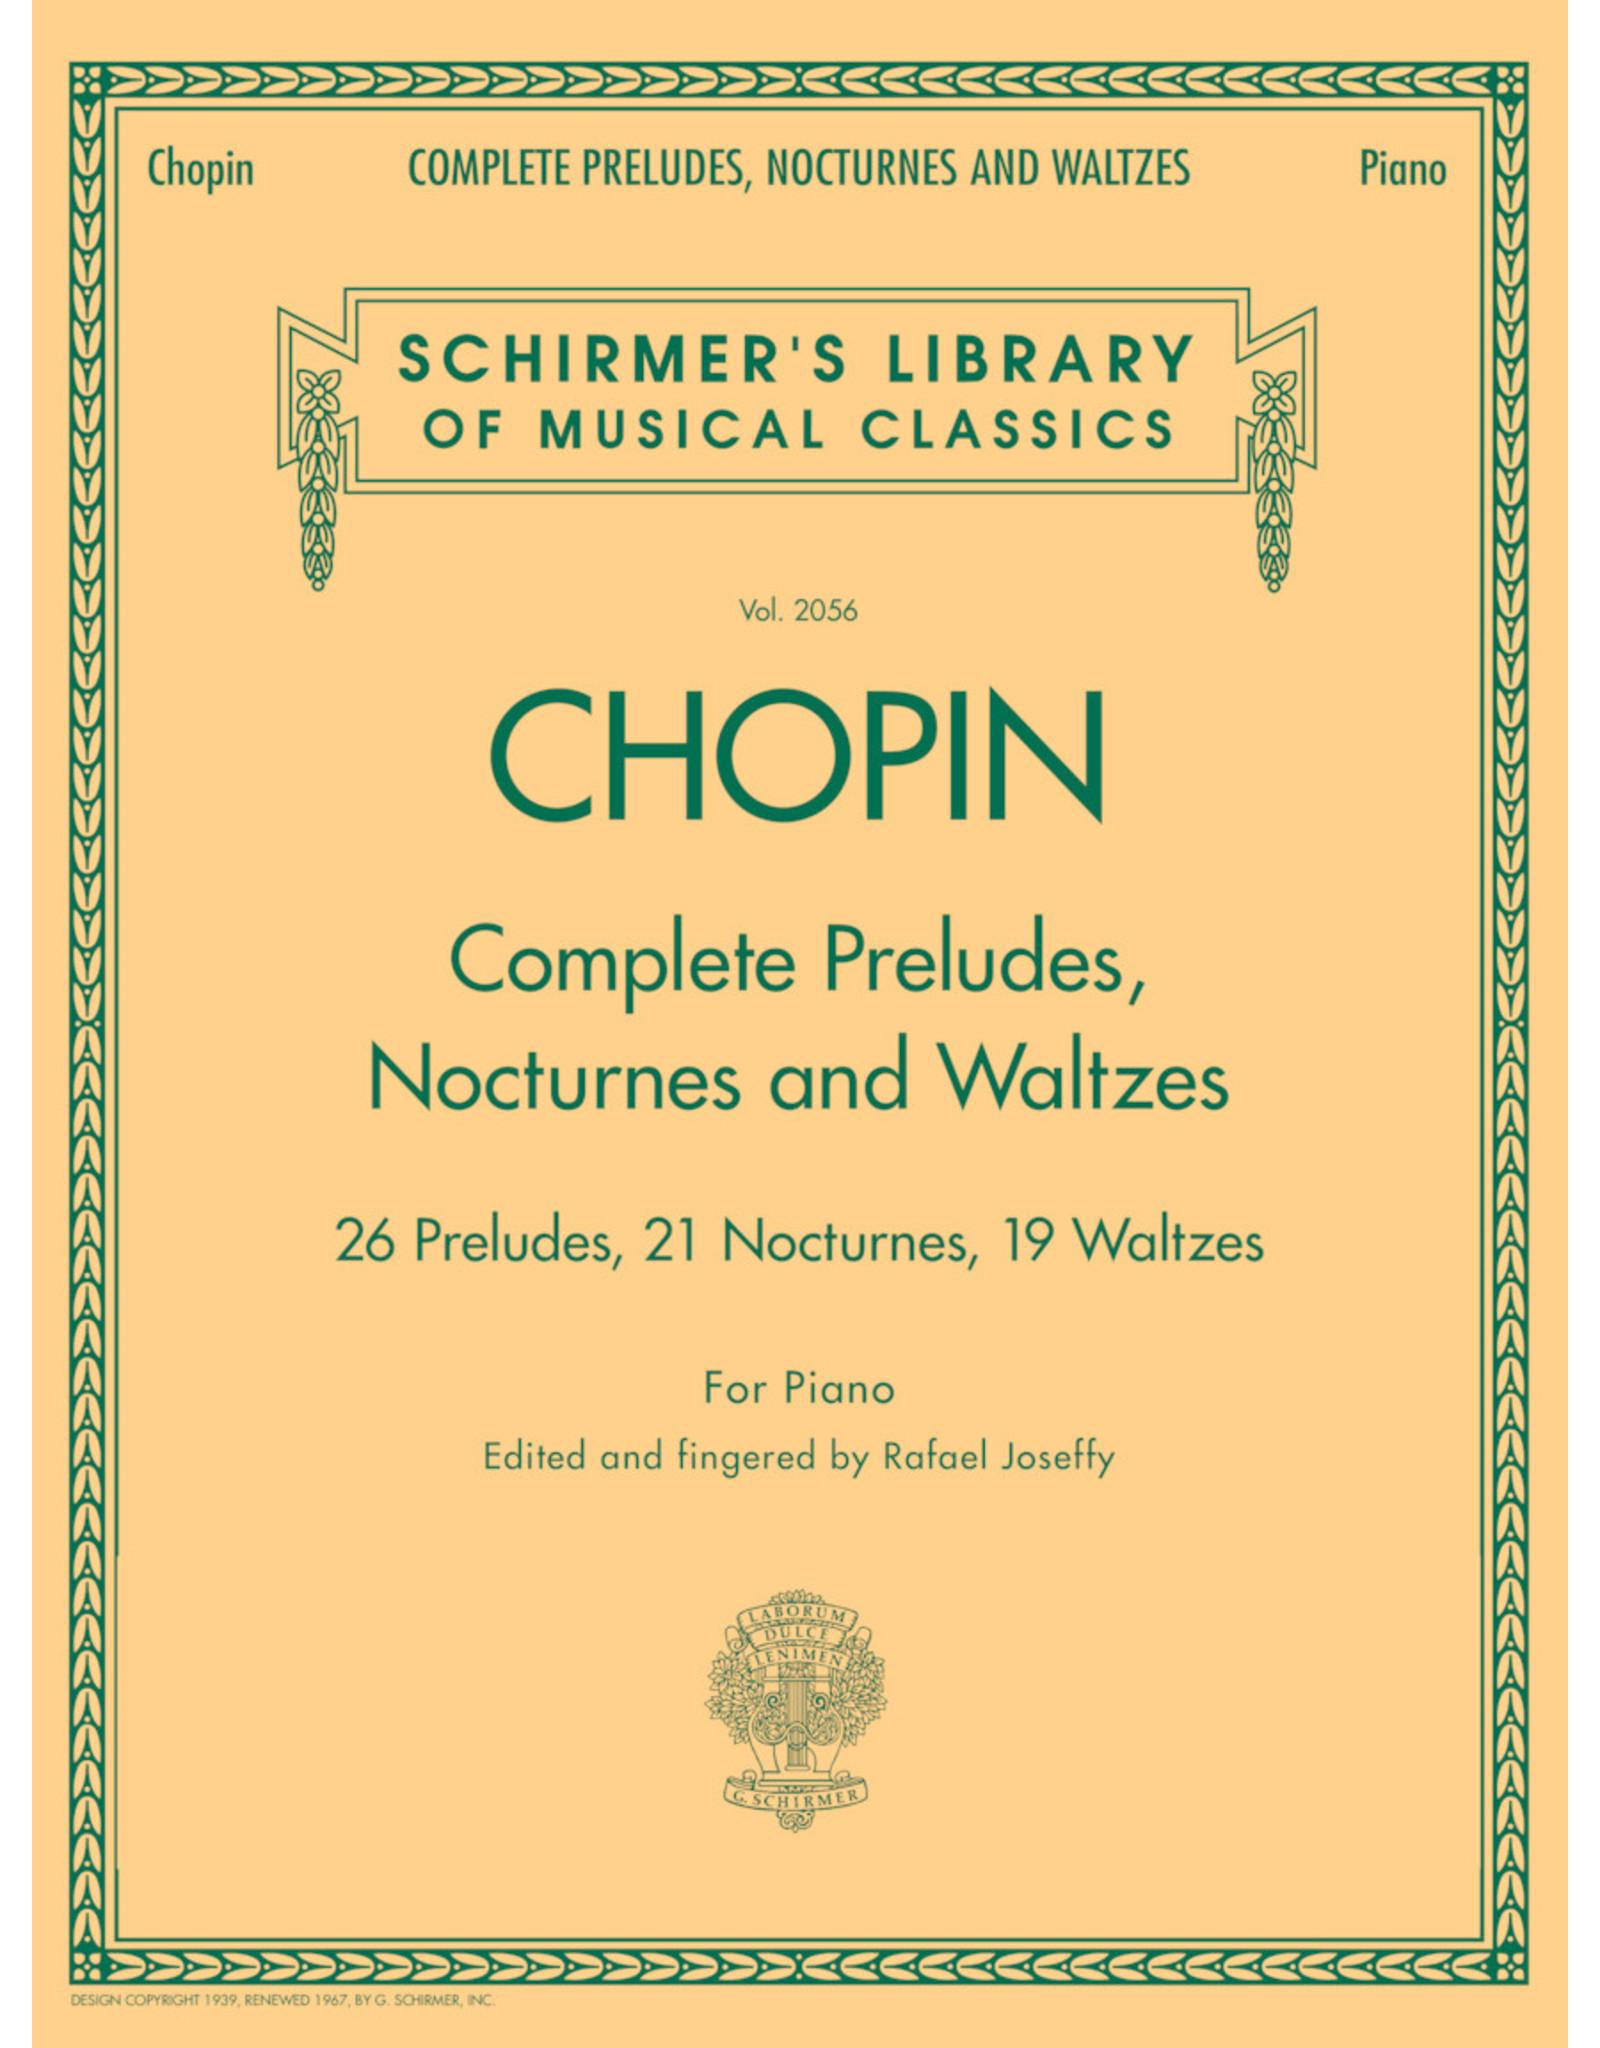 G. Schirmer, Inc. Chopin - Complete Preludes/Waltzes/Nocturnes